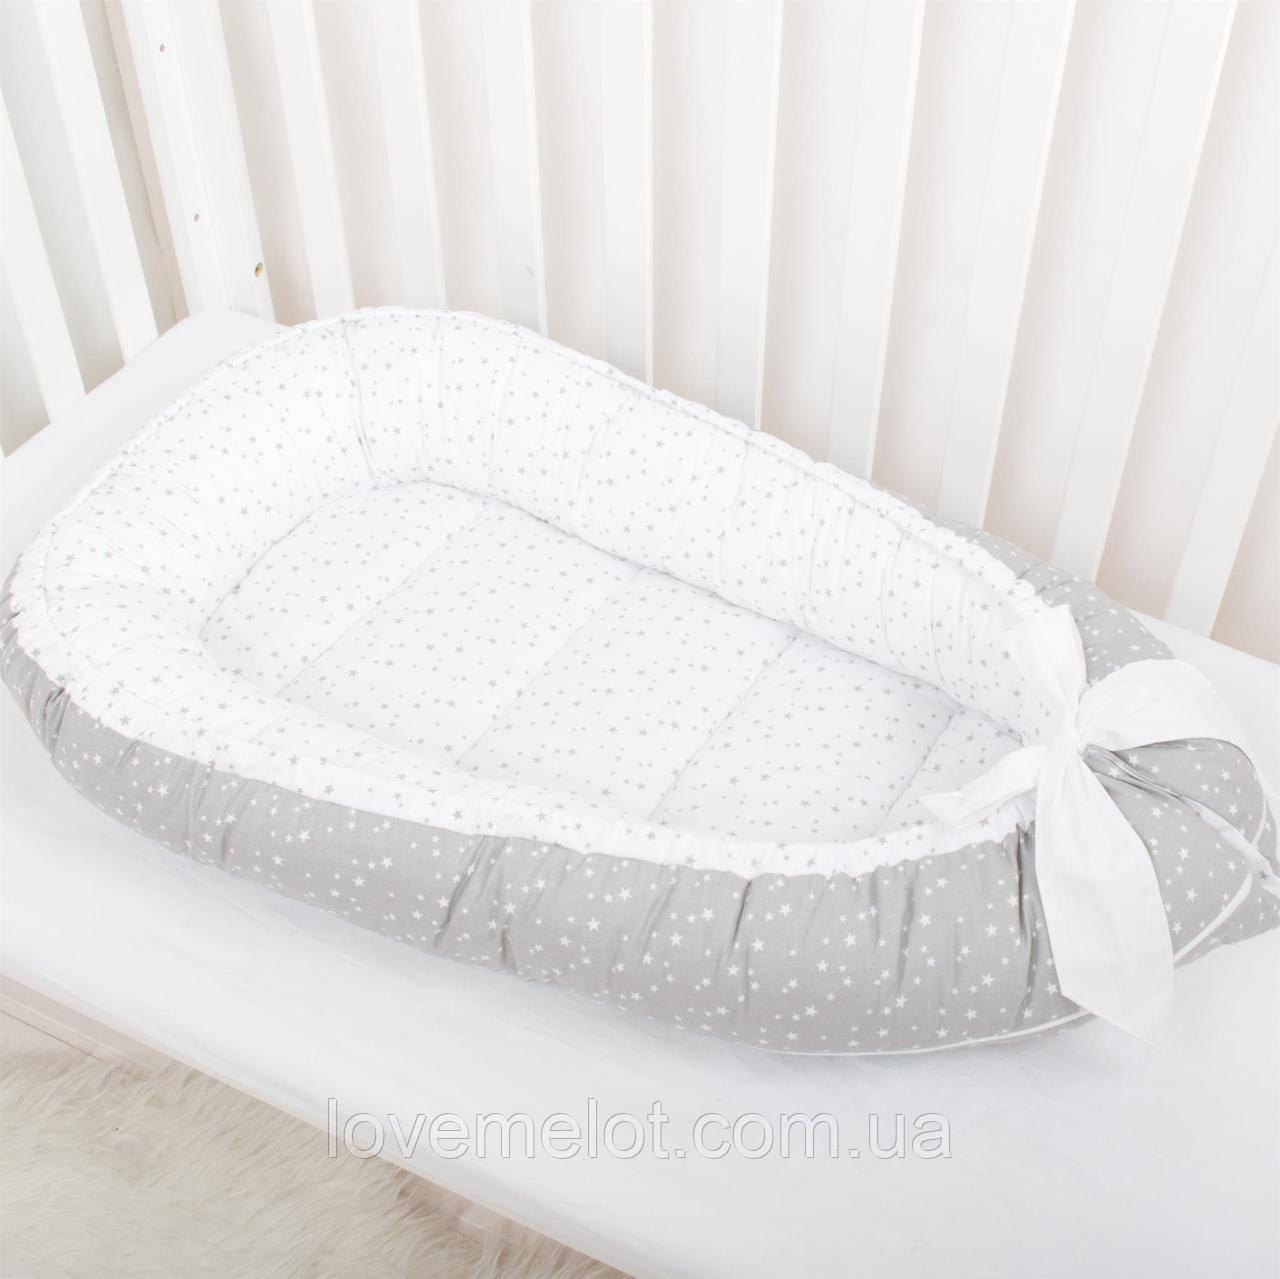 """Гнёздышко для новорожденных со съёмным чехлом """"Звездная пыль"""""""